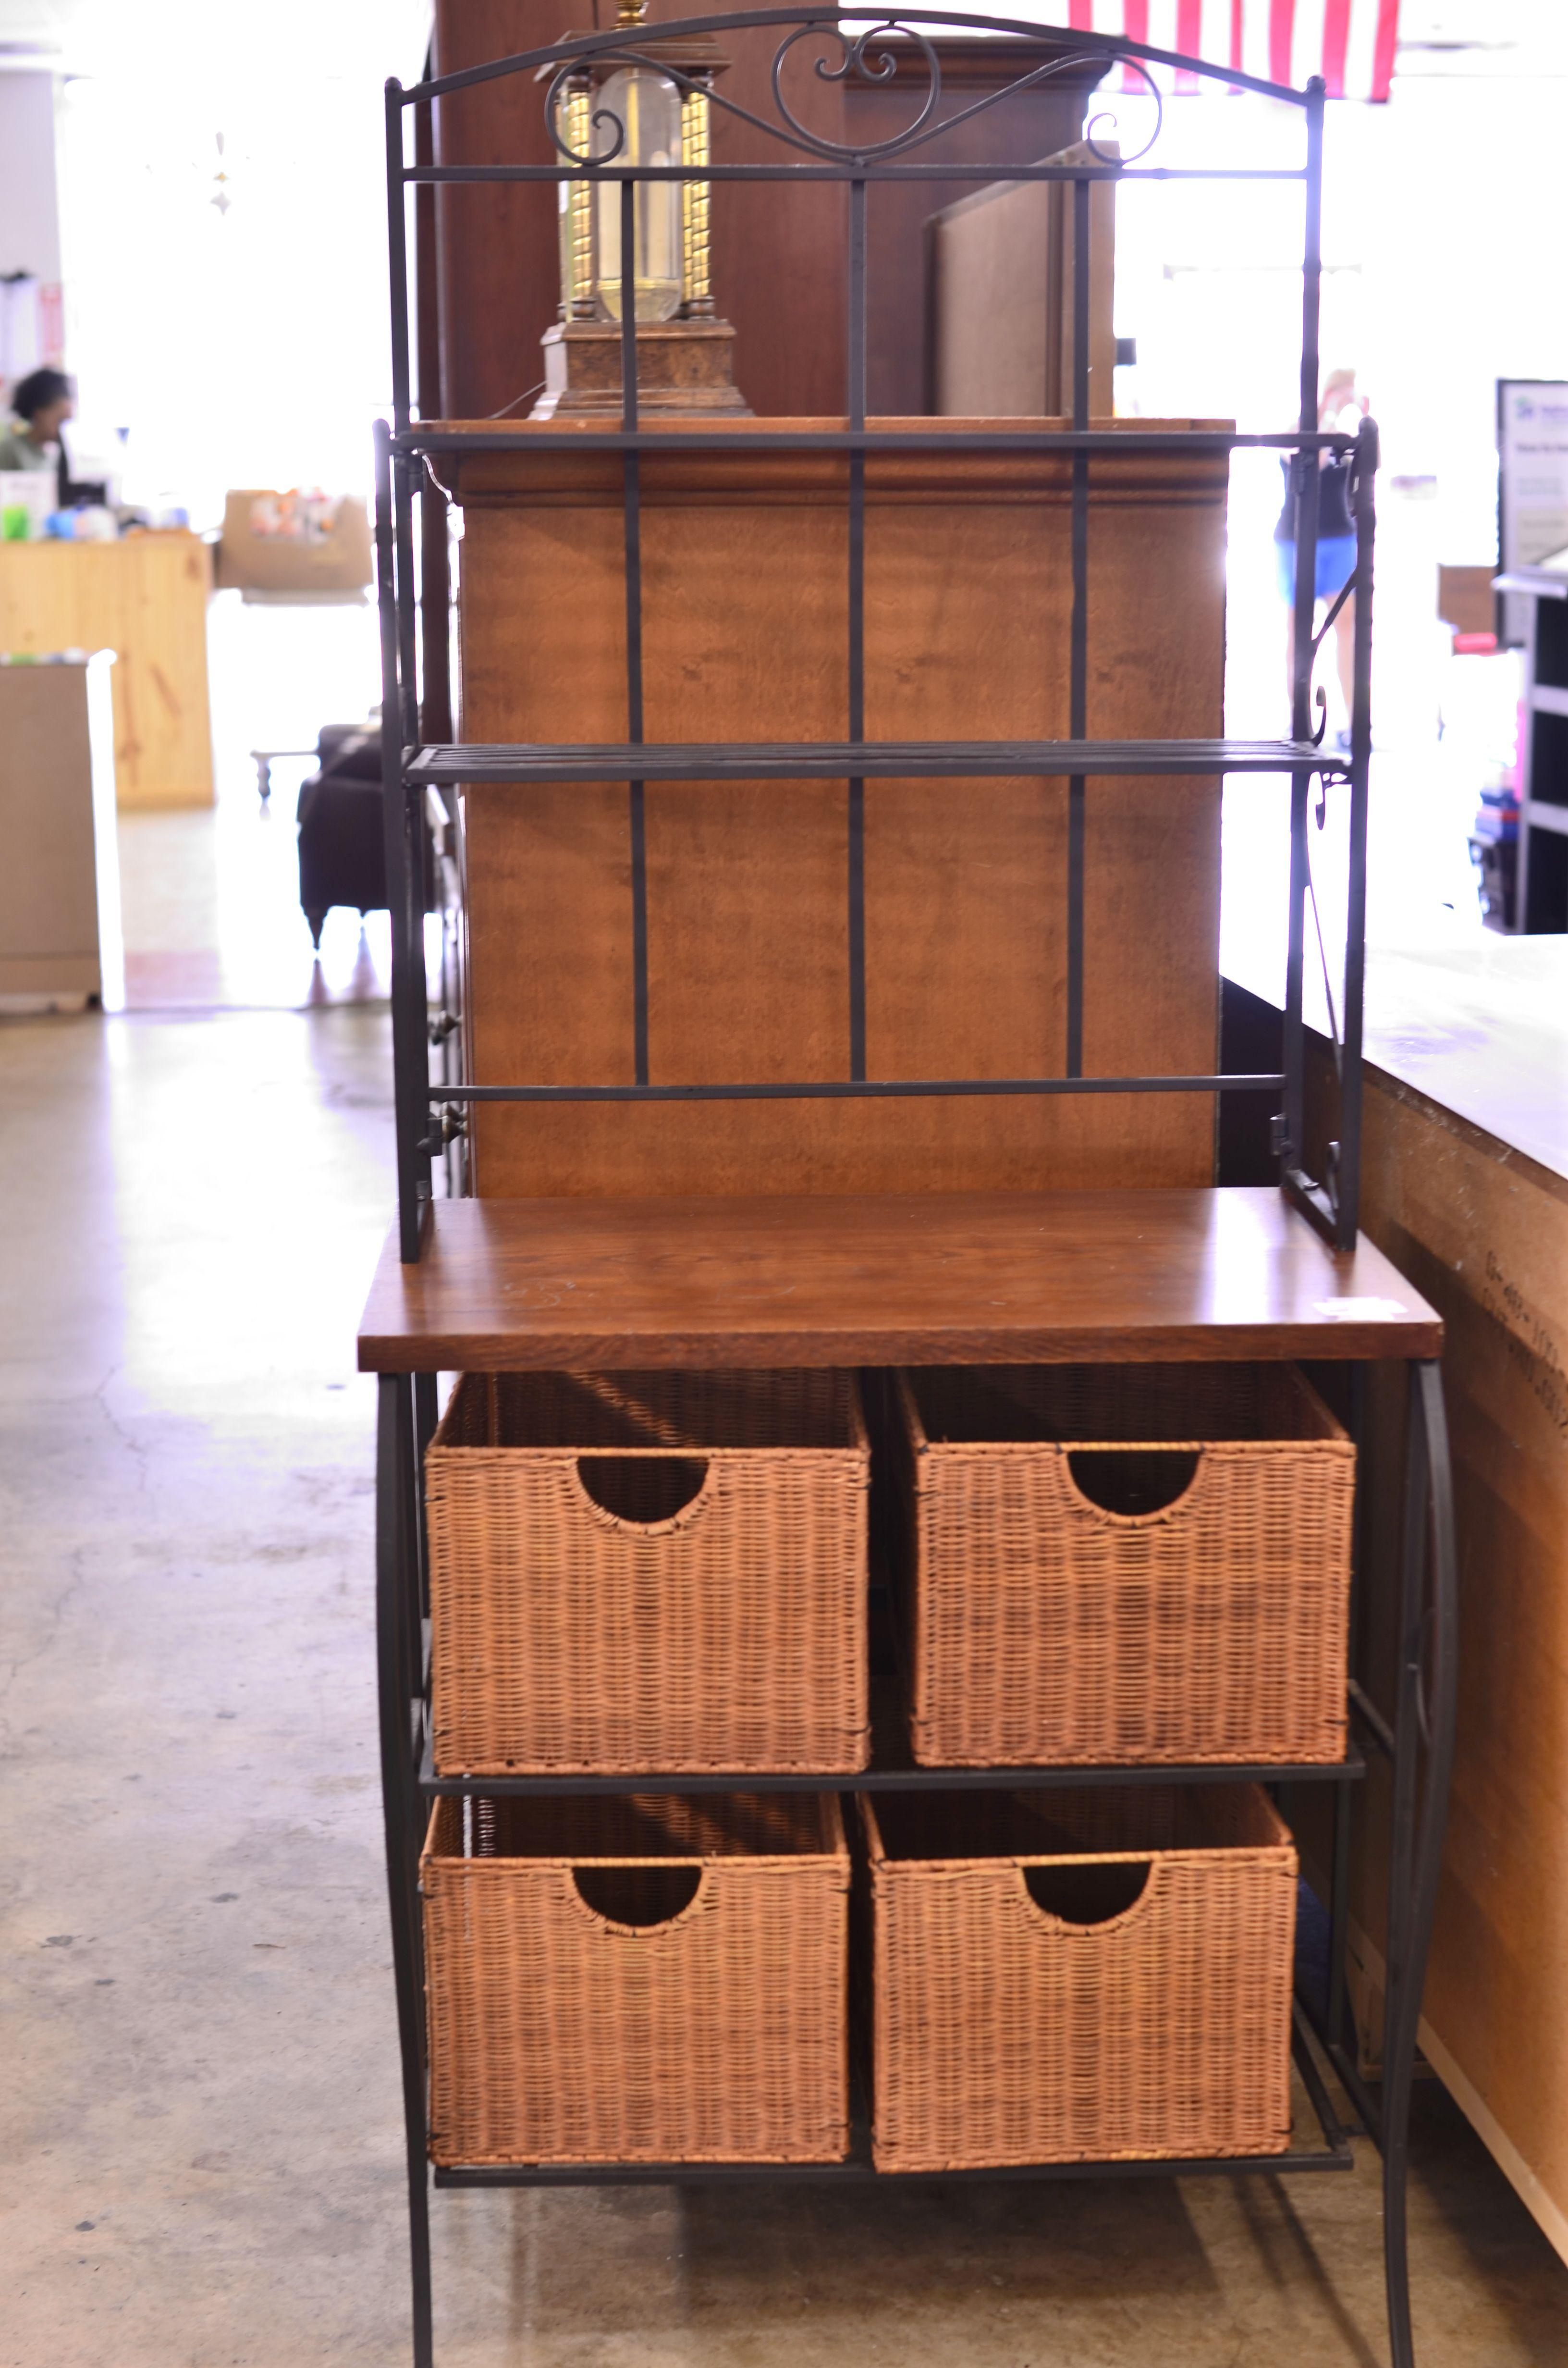 Bakers Rack W Storage Baskets 110 00 Bakers Rack Storage